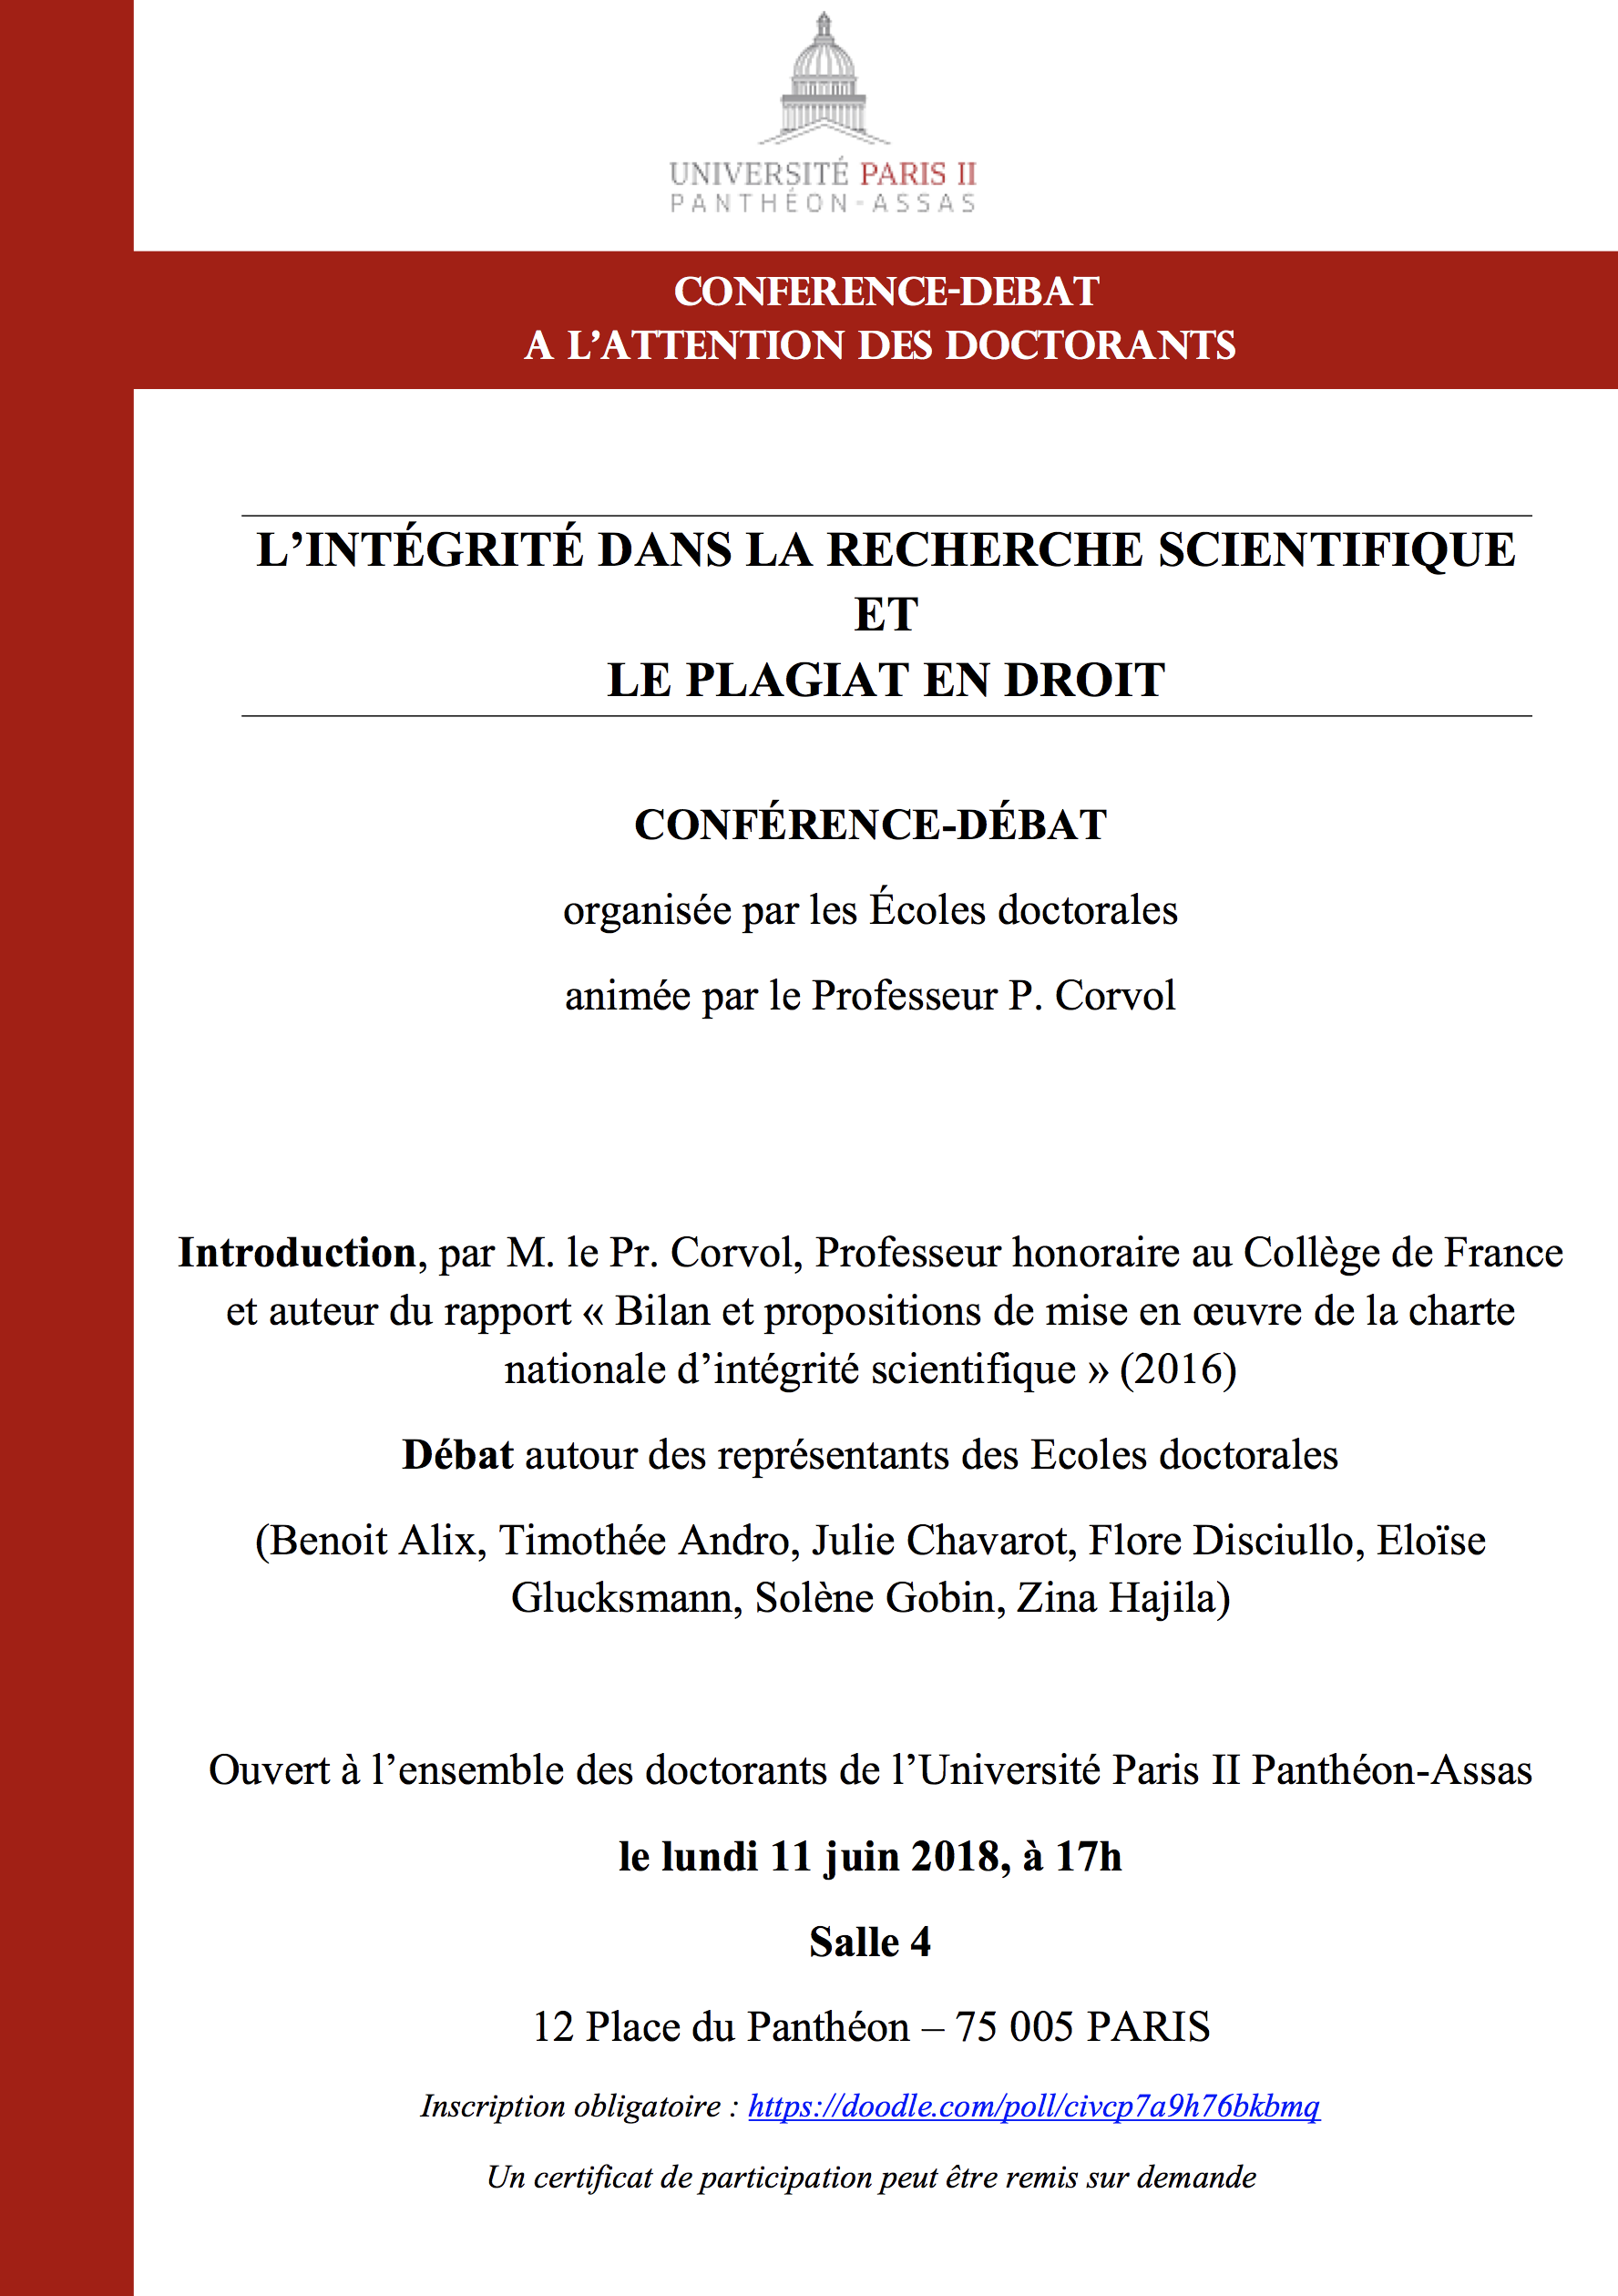 L'intégrité dans la recherche scientifique et le plagiat en droit